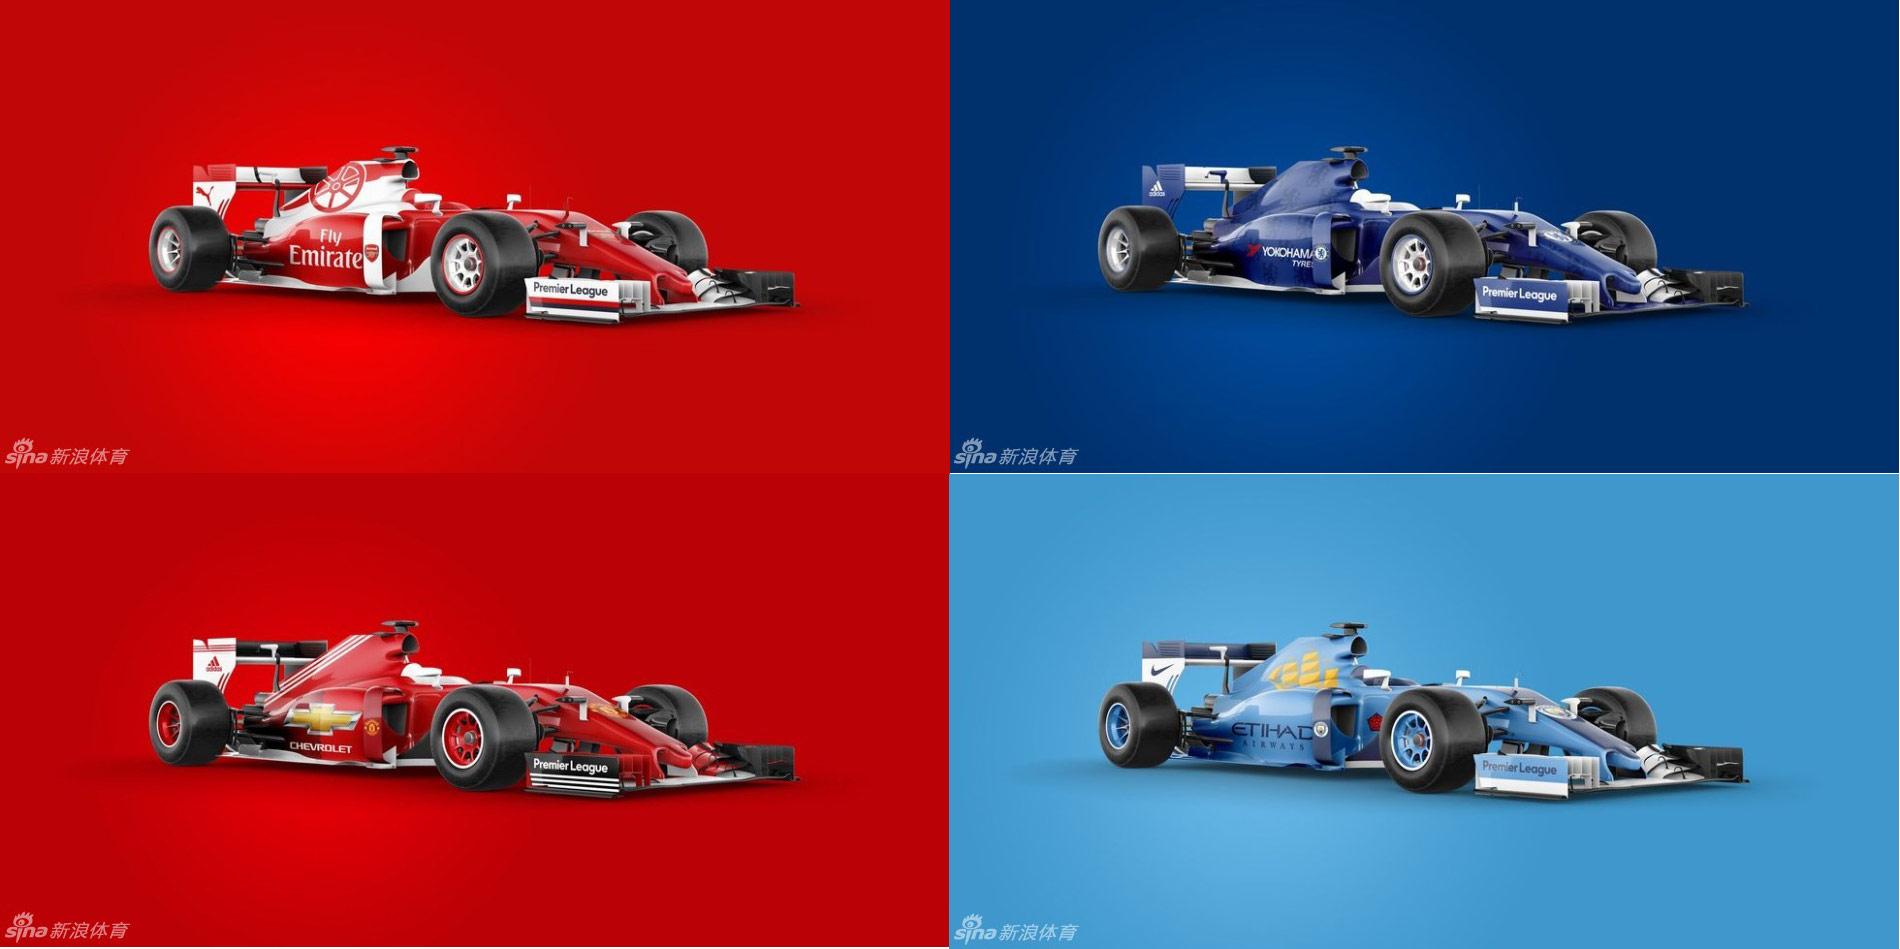 英超球队变身F1赛车